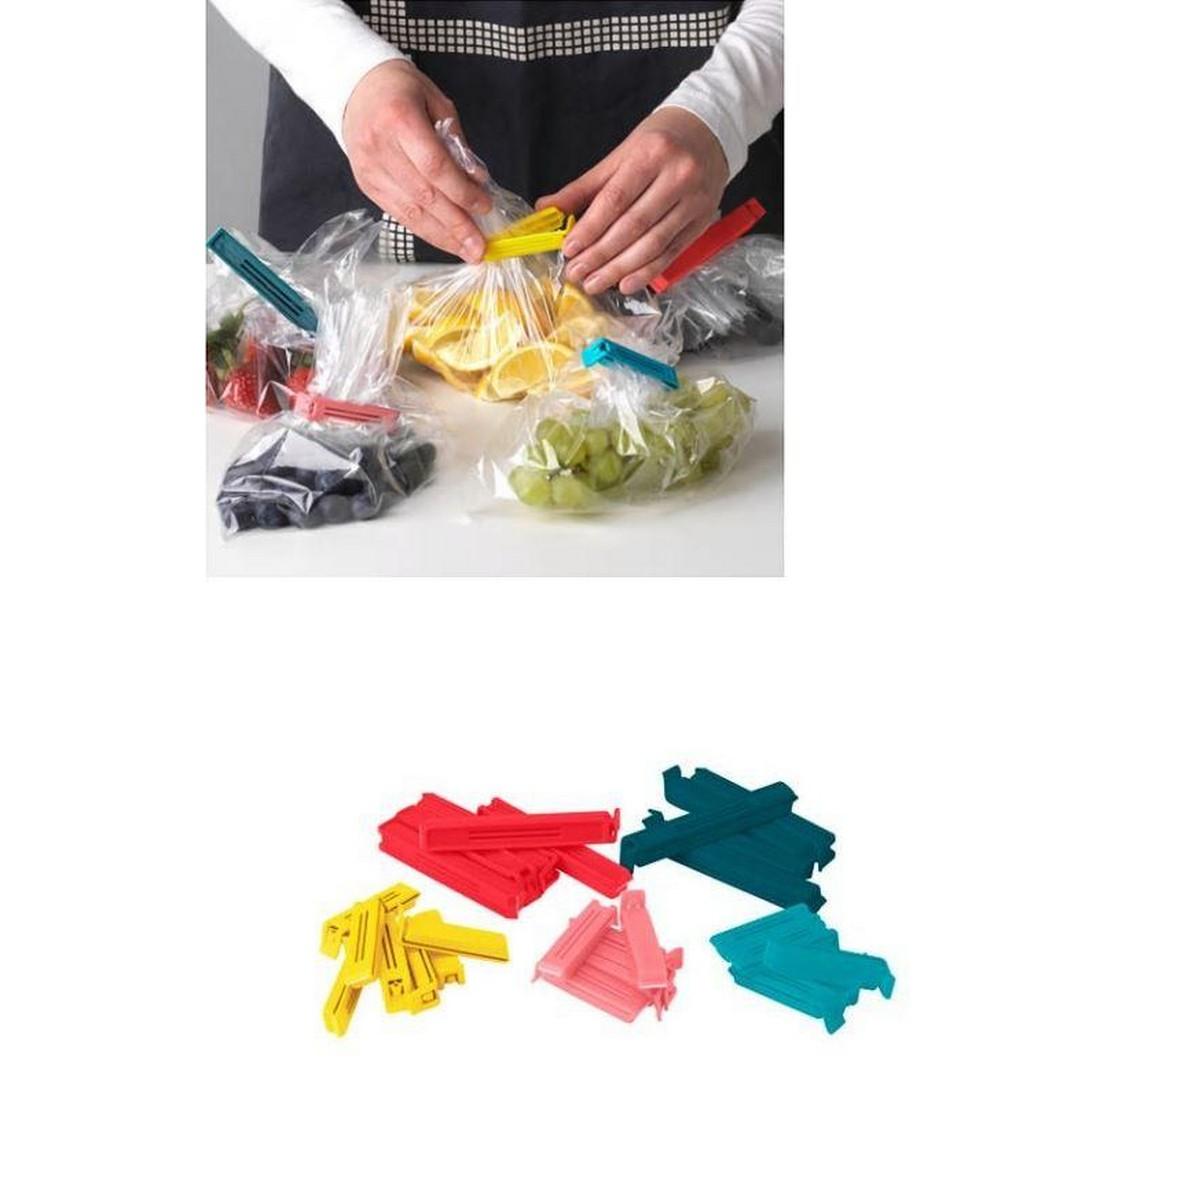 IKEA Sealing Clips